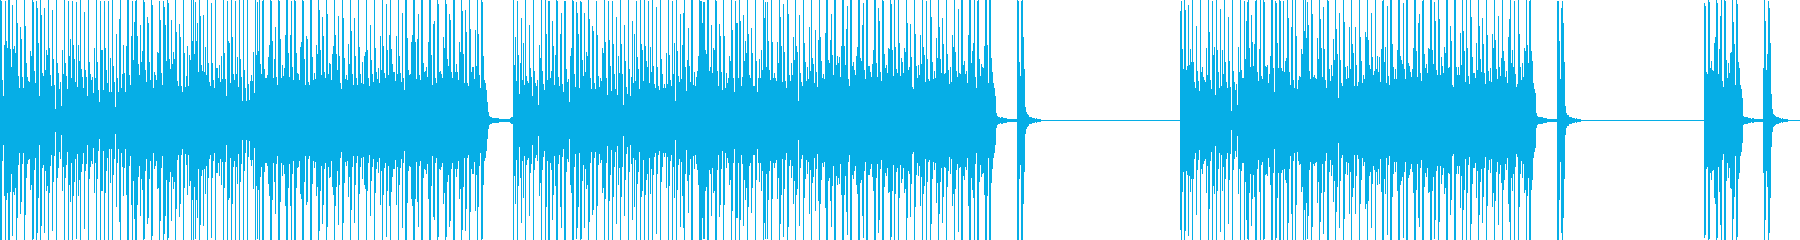 軽やかで元気な心地よいポップサウンドの再生済みの波形